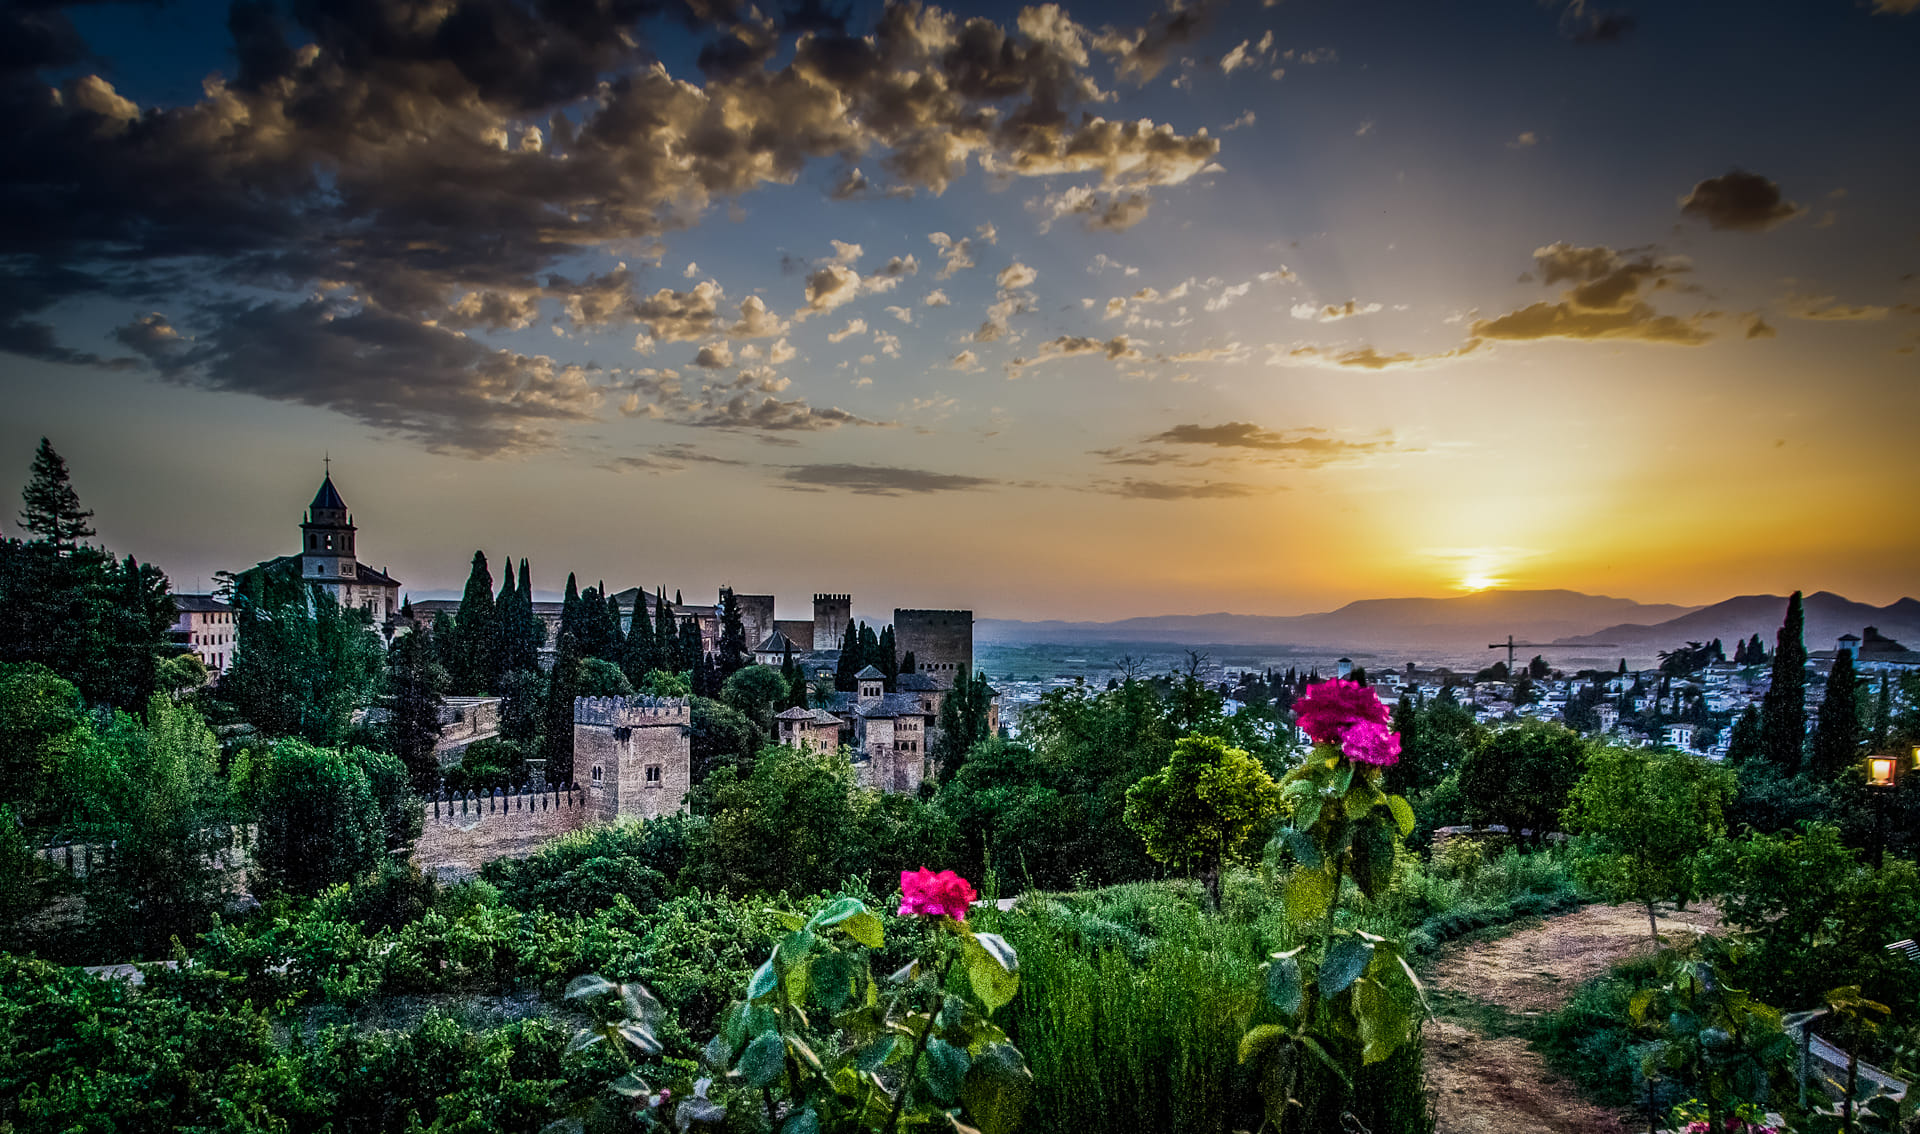 Atardecer en La Alhambra